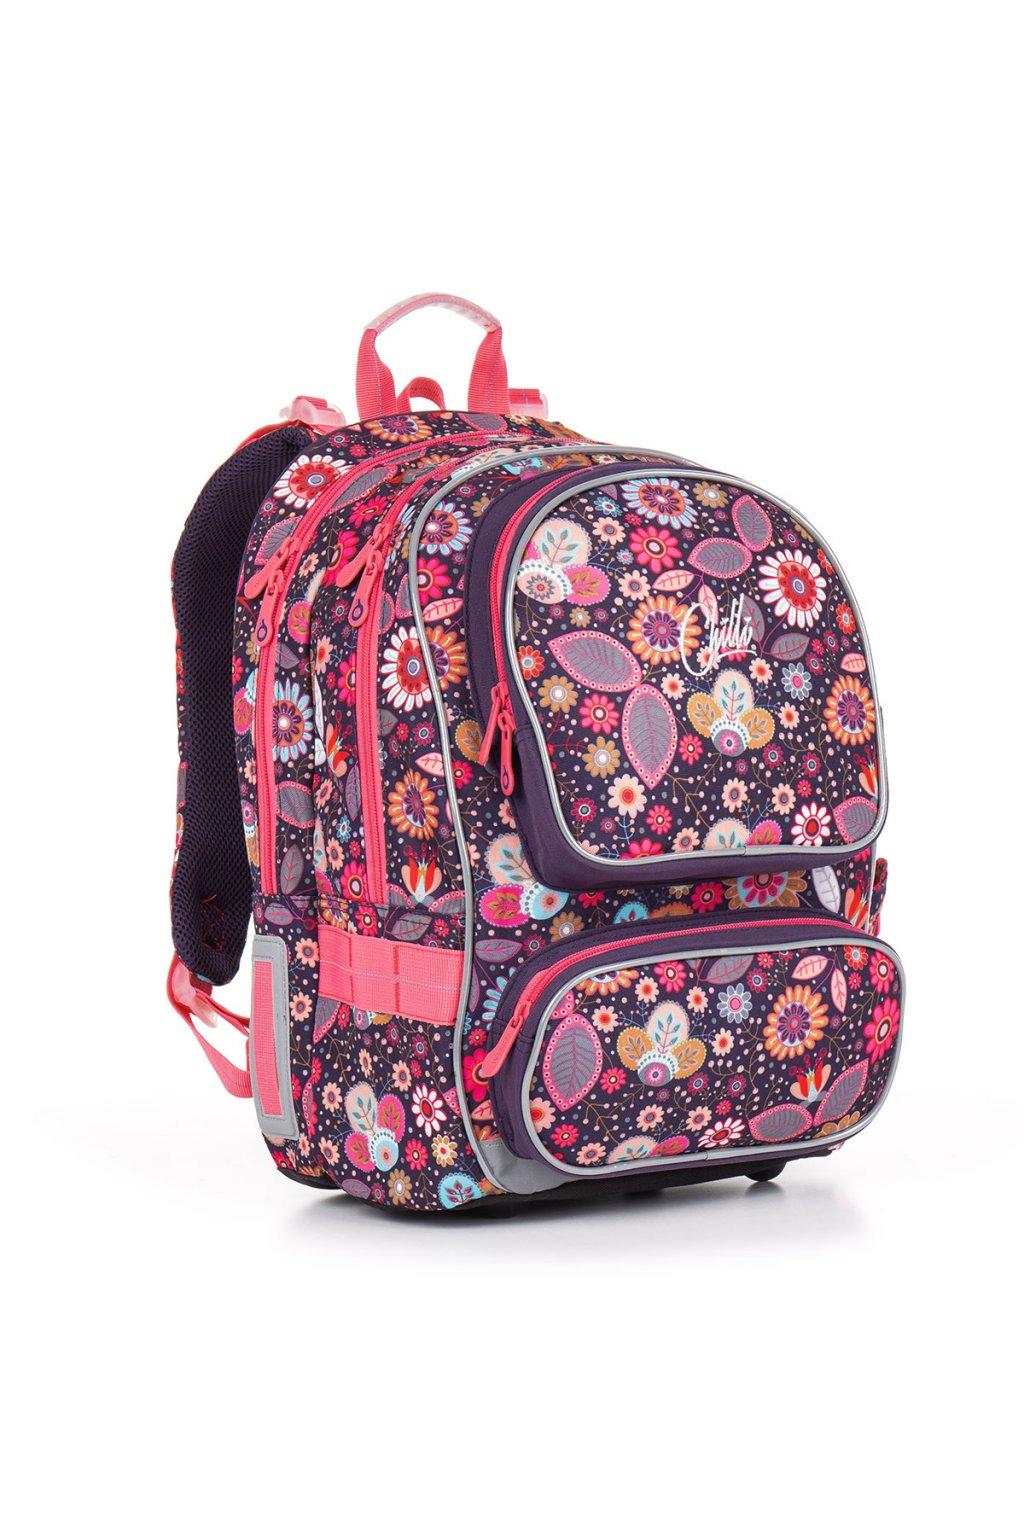 dívčí školní batoh topgal chi 844 i